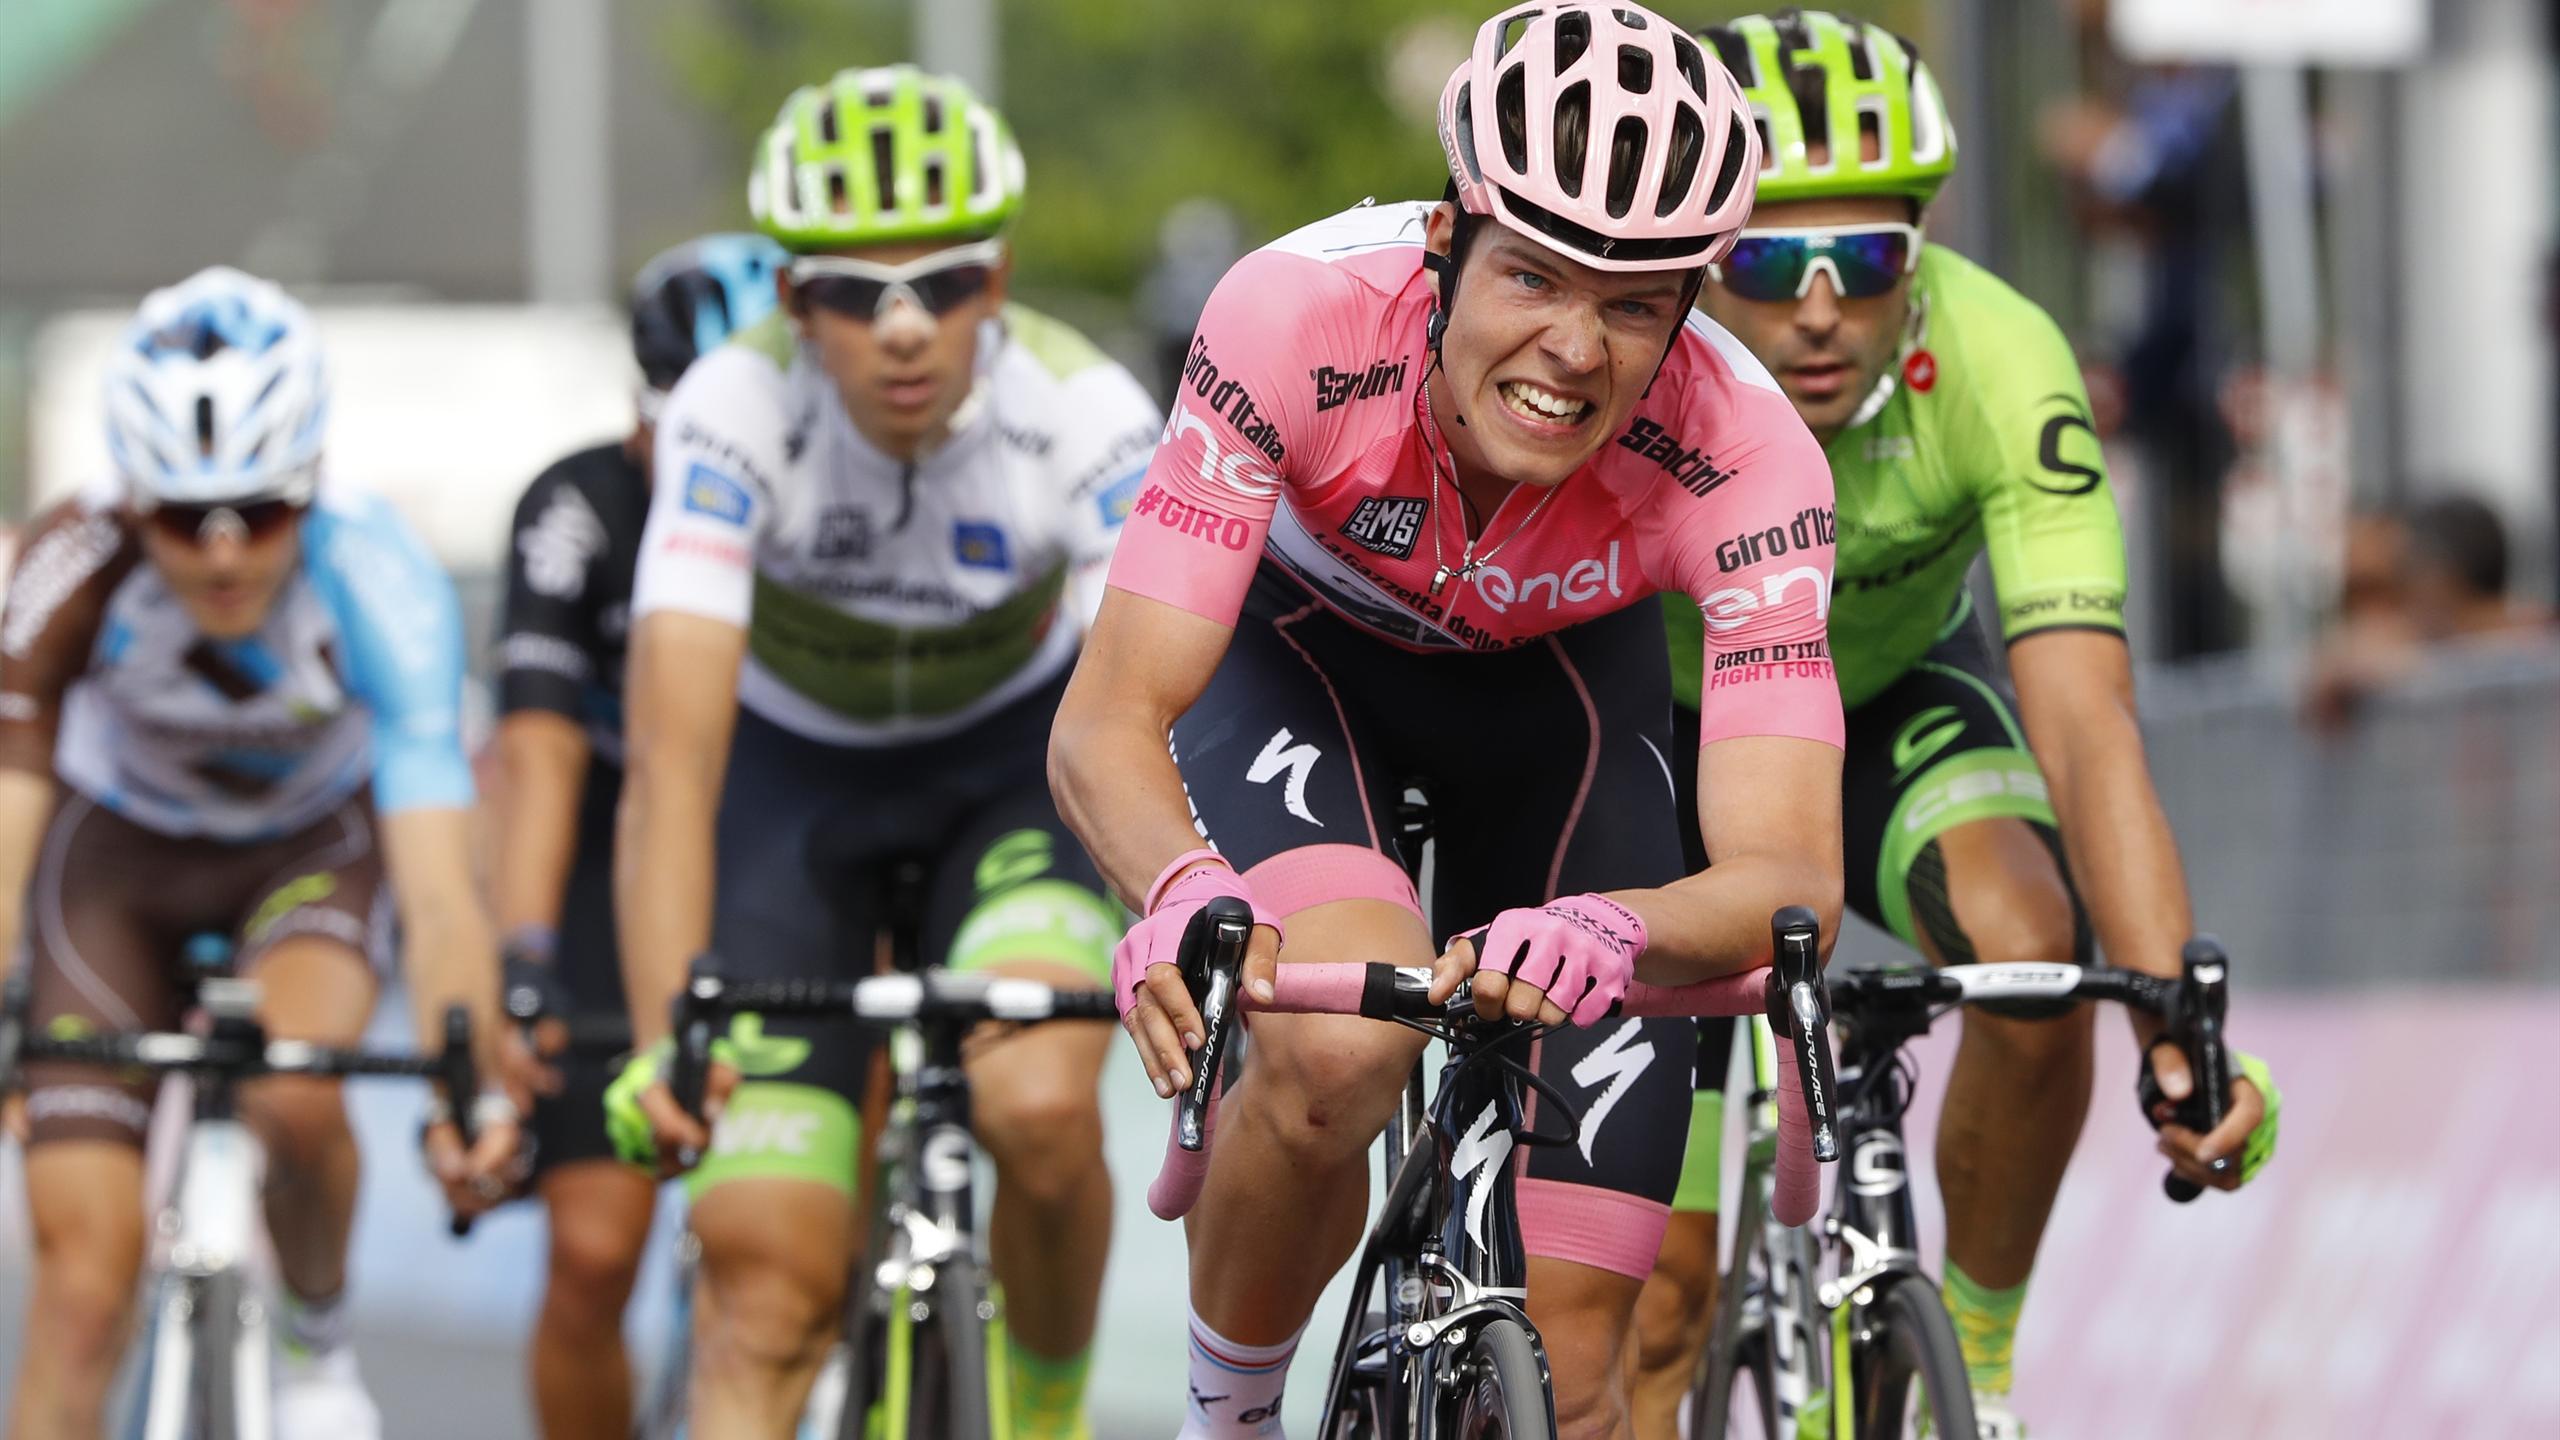 Bob Jungels (Etixx - Quick Step) abandonne son maillot rose après la 13e étape du Giro